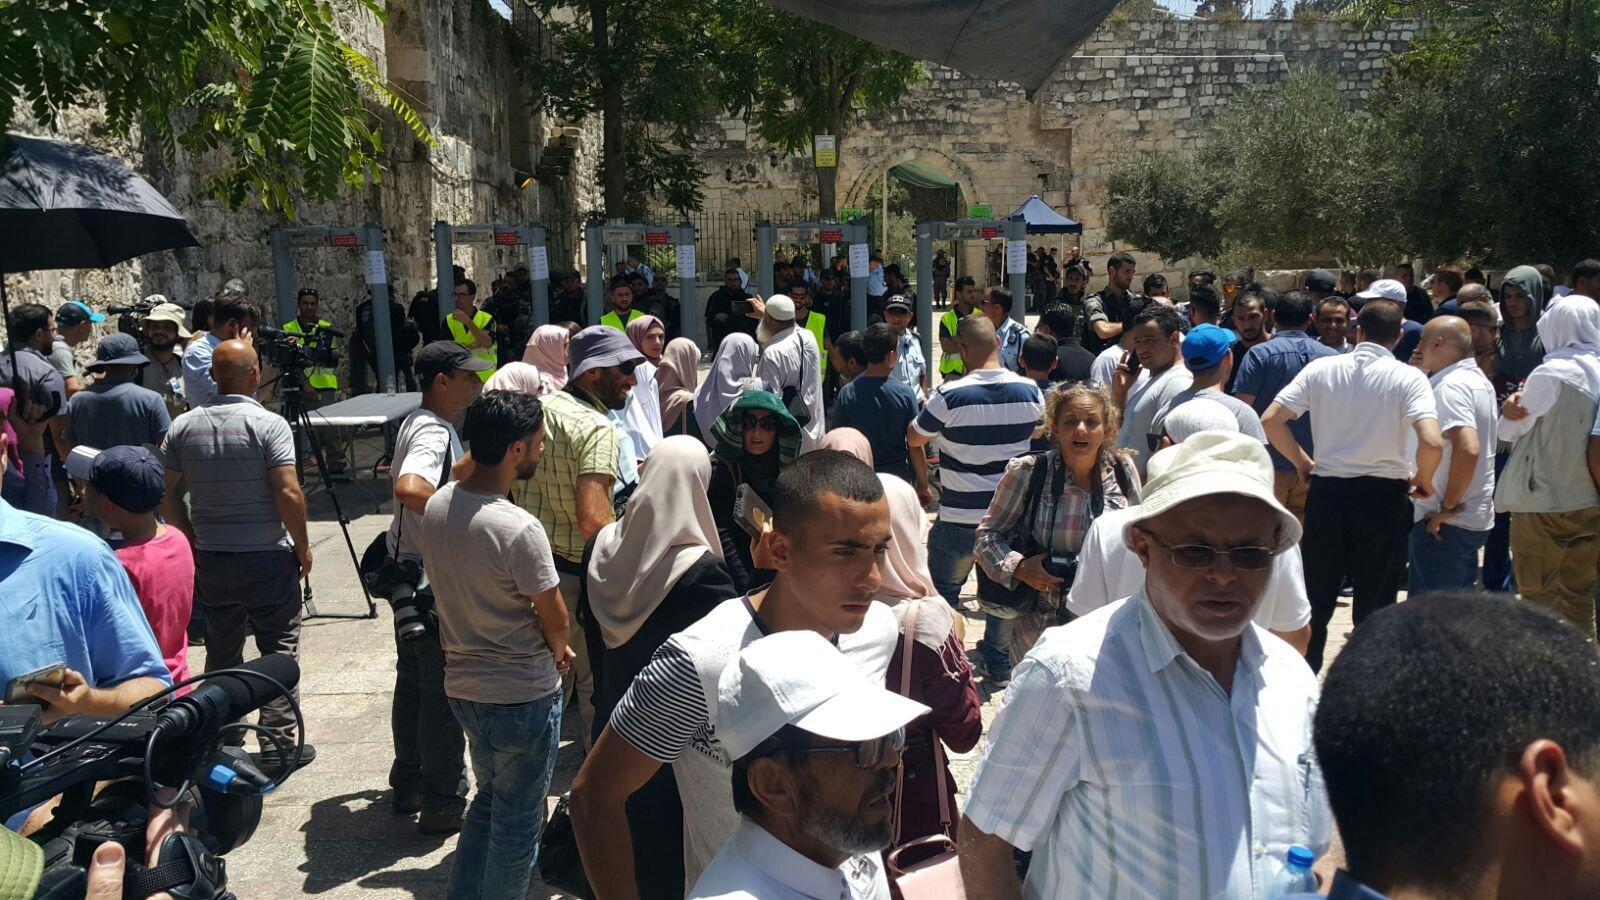 السلطات الاسرائيلية تمنع دخول بعض الحراس للاقصى